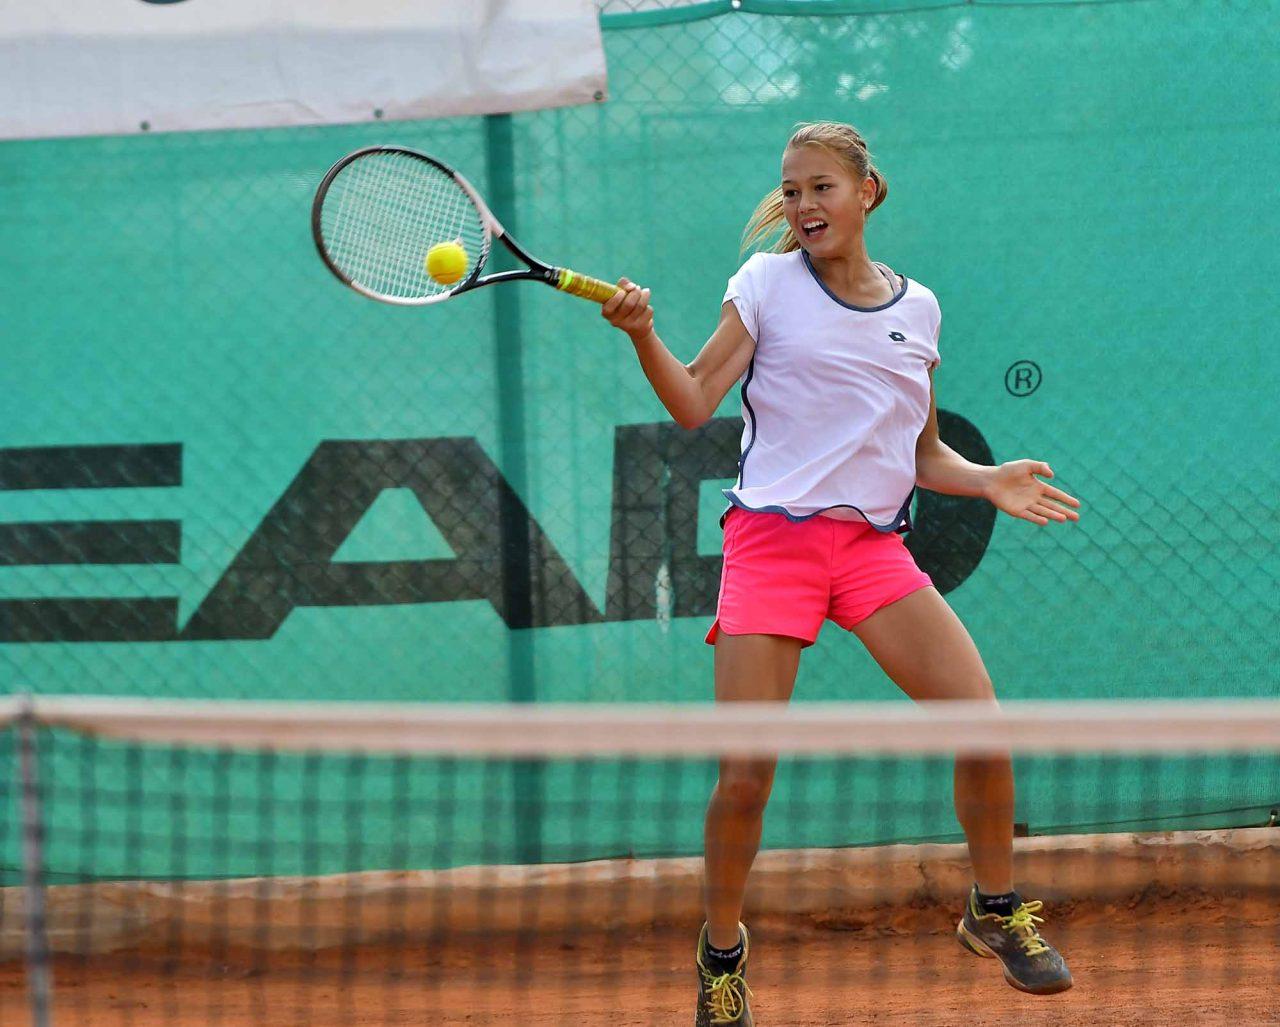 Държавно първенство тенис до 14 год. ТК 15-40 момичета (23)